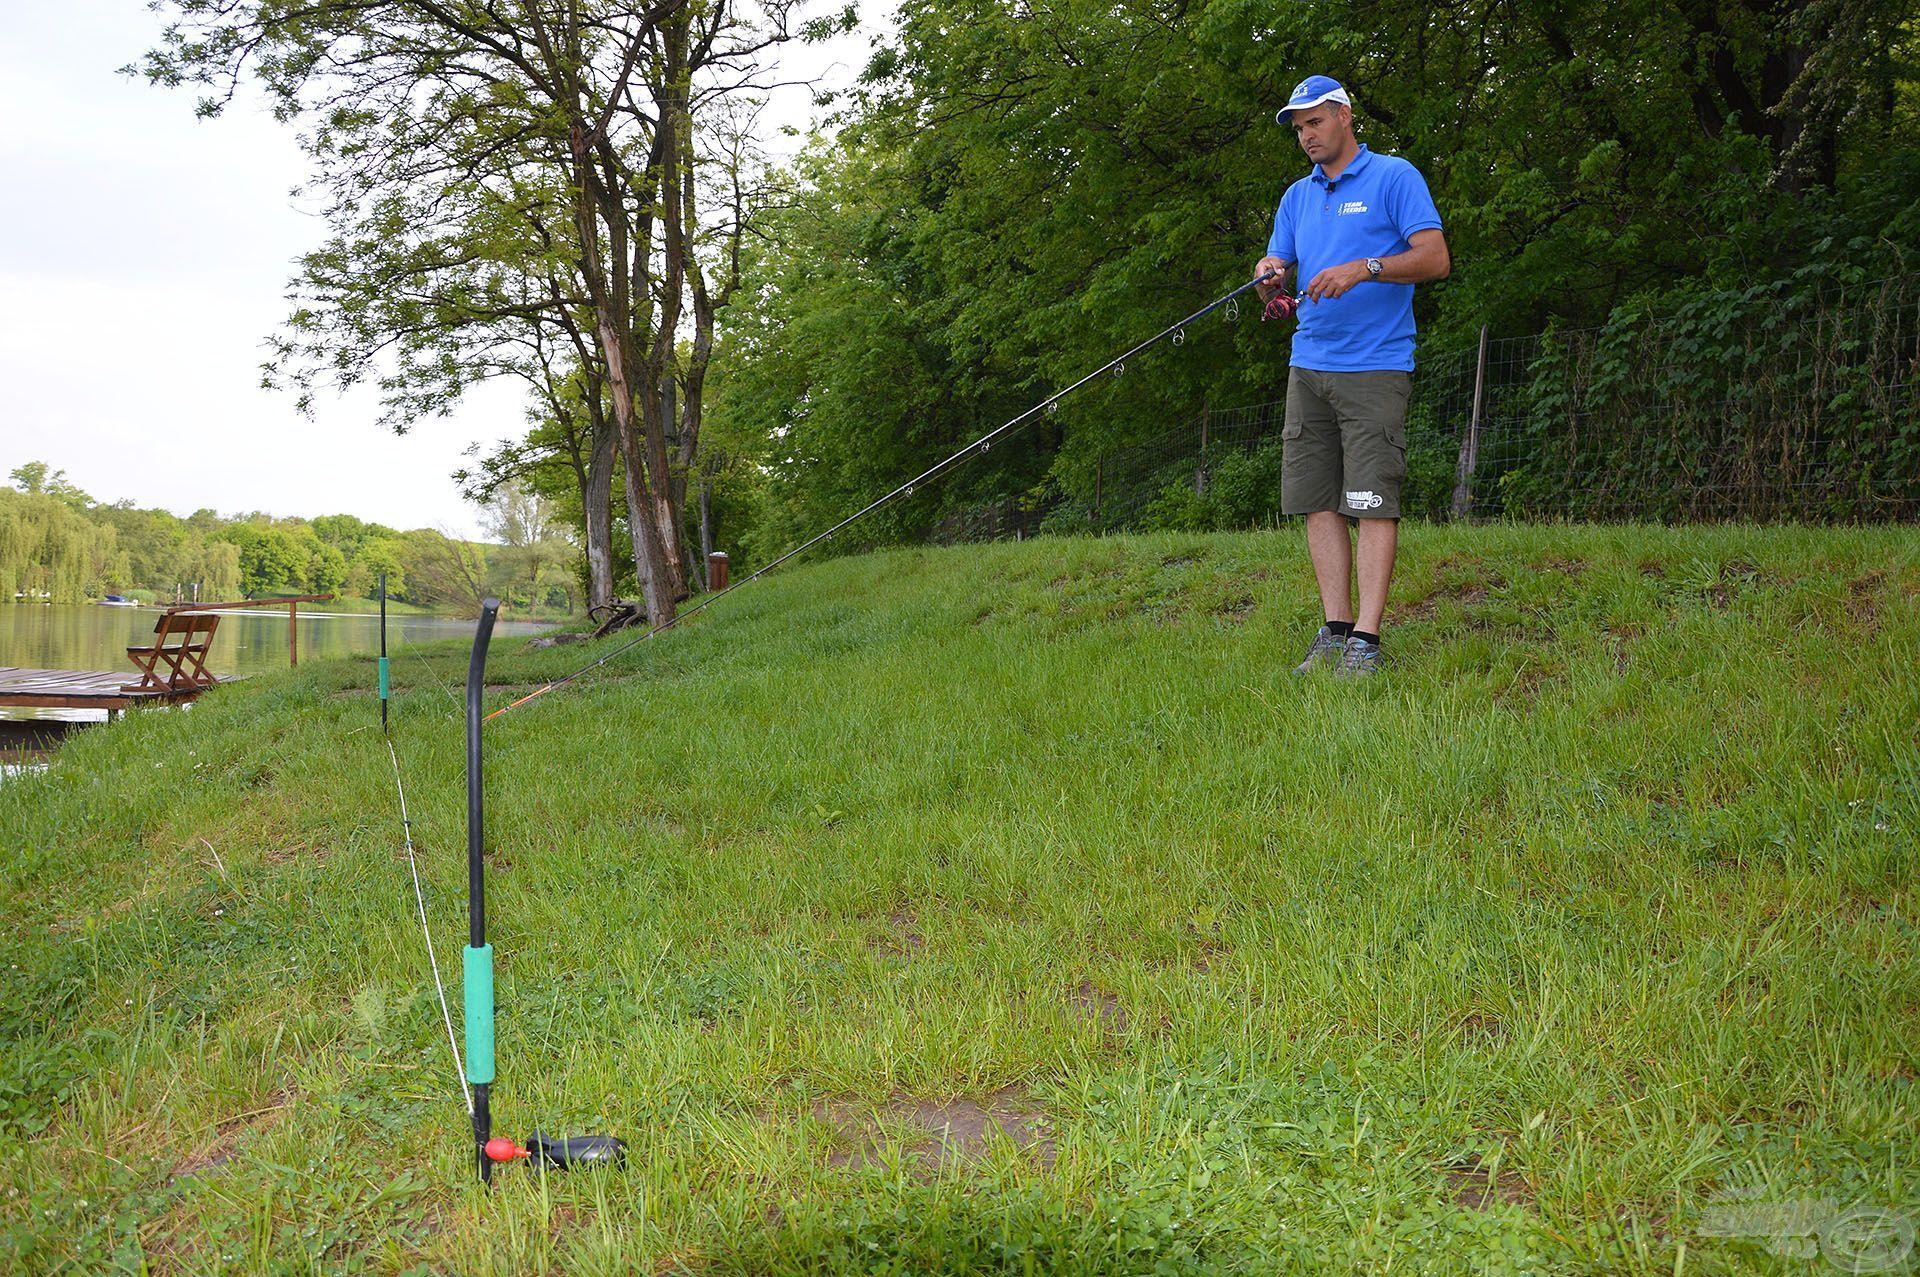 Két rúd segítségével precízen kimértük az megetetett és később meghorgászott 80 méteres távolságot